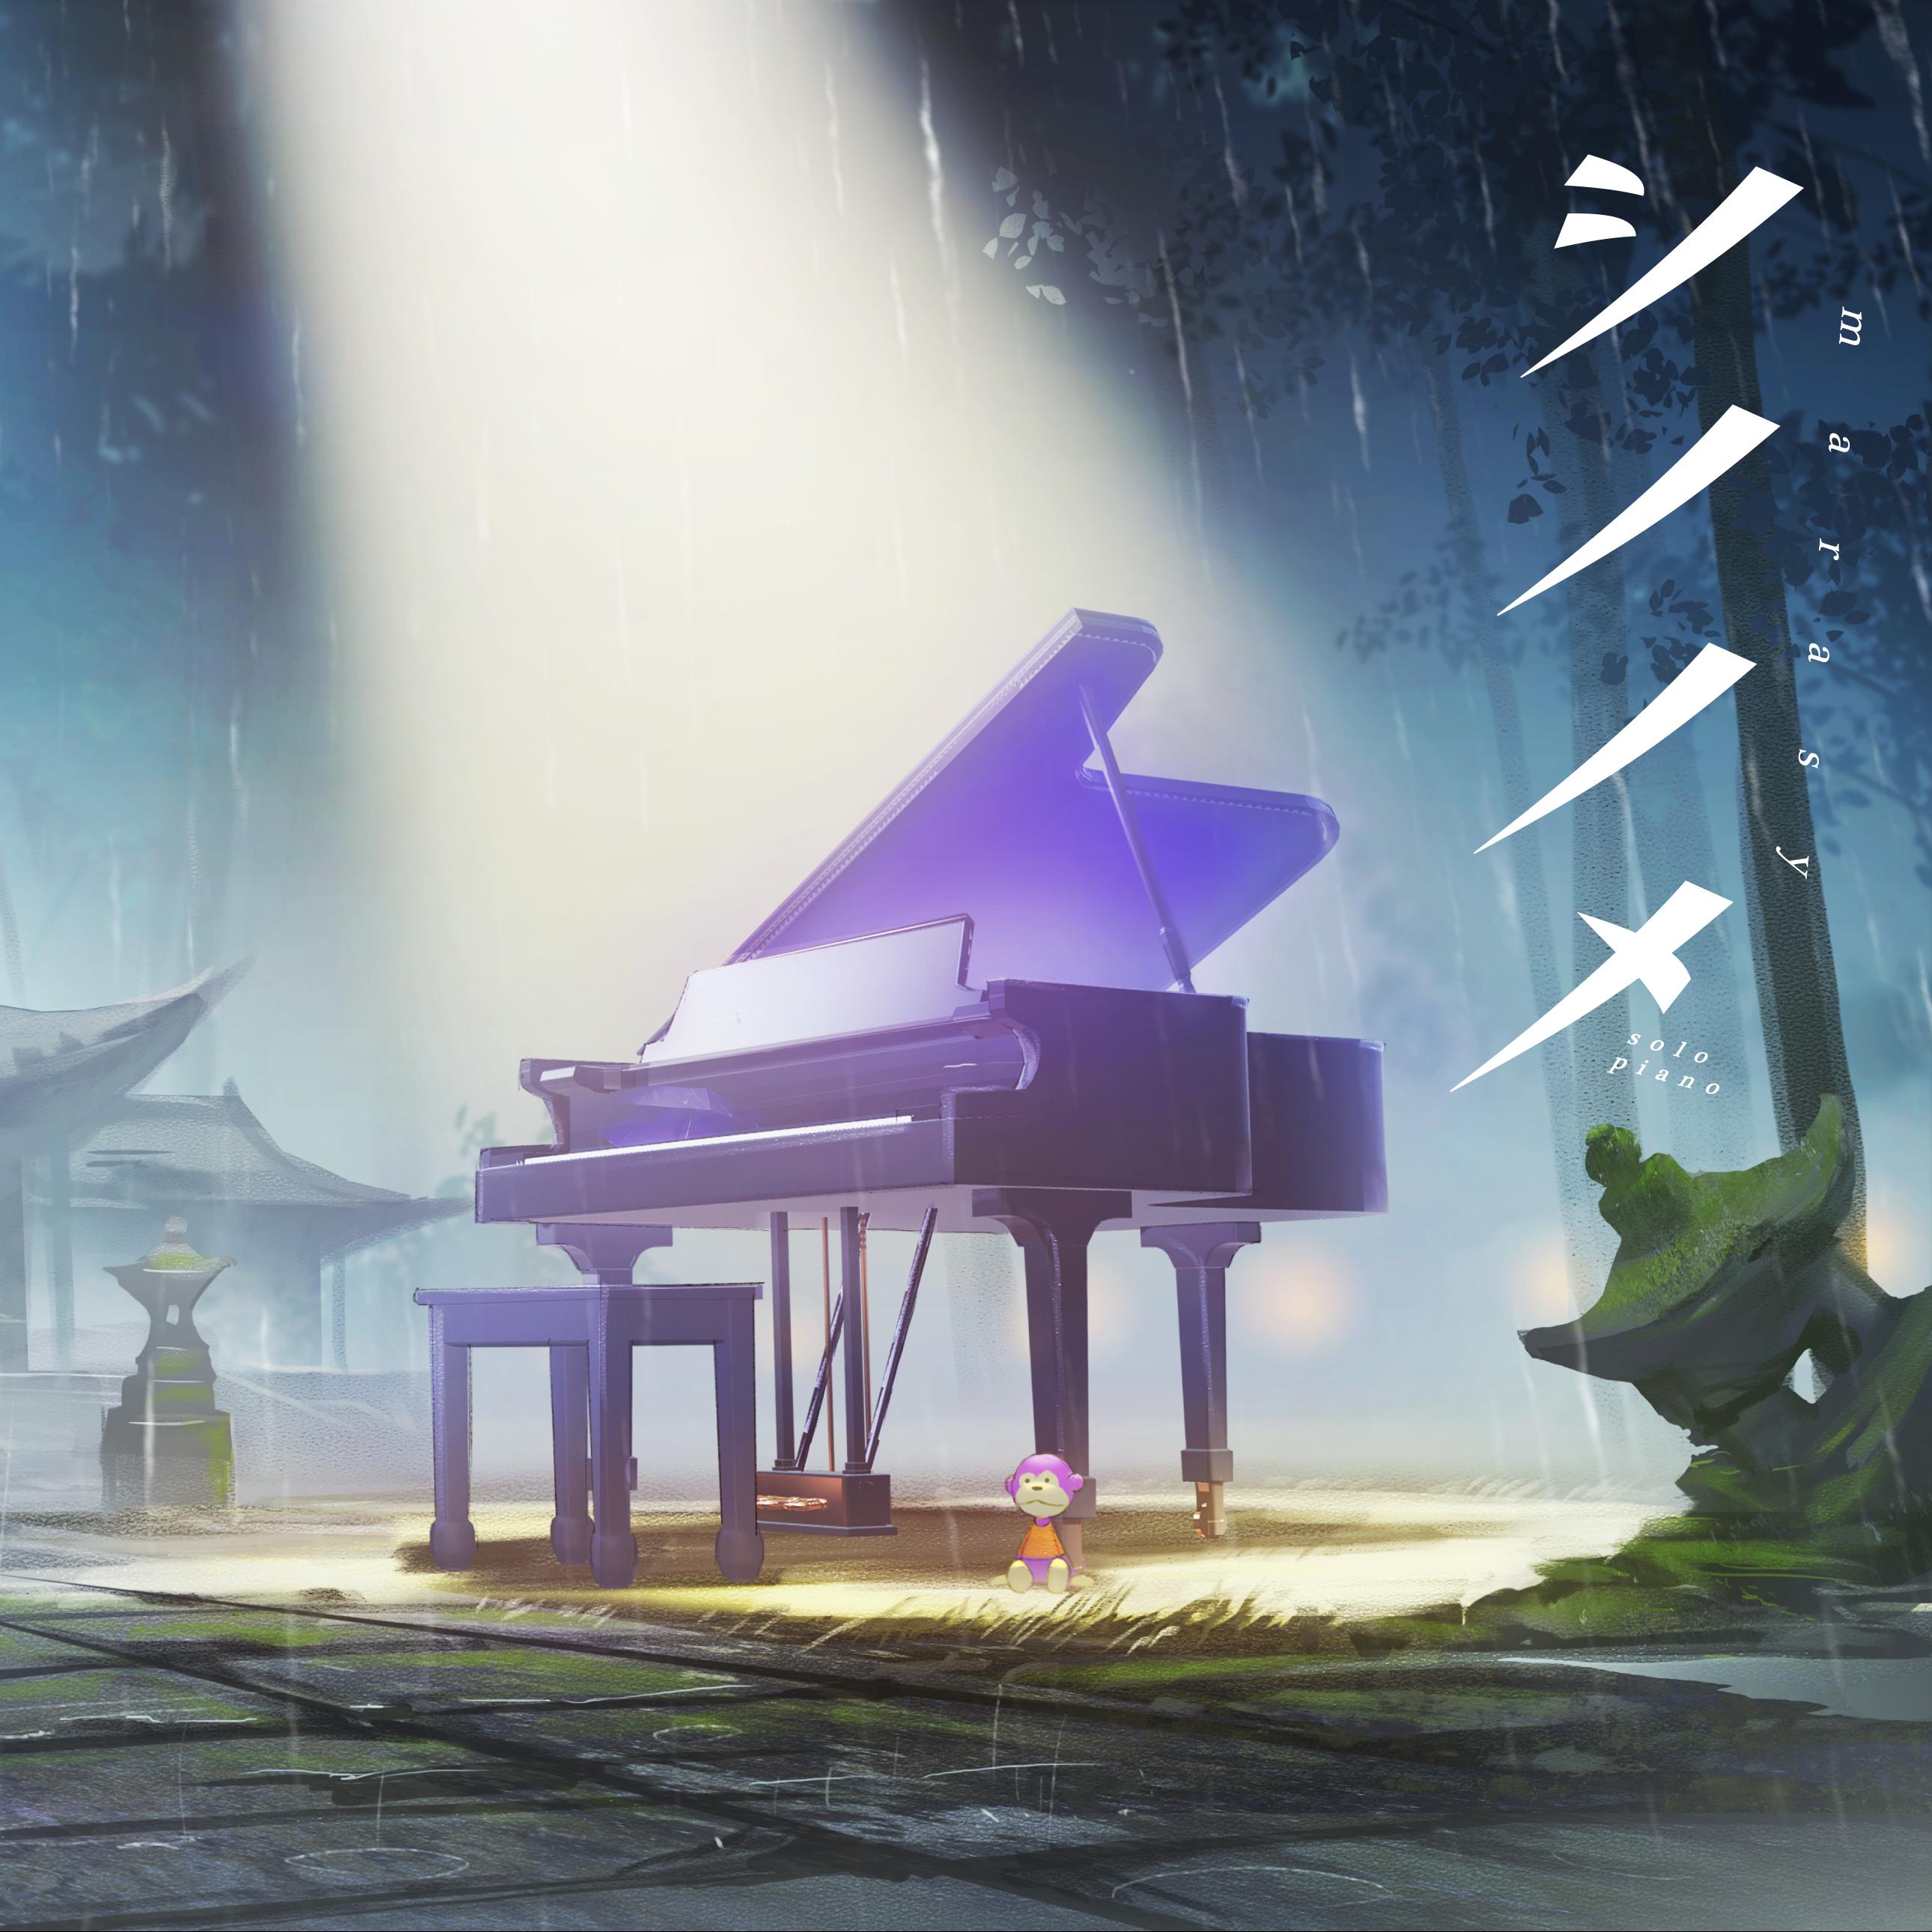 シノノメ 〜solo piano〜 Image